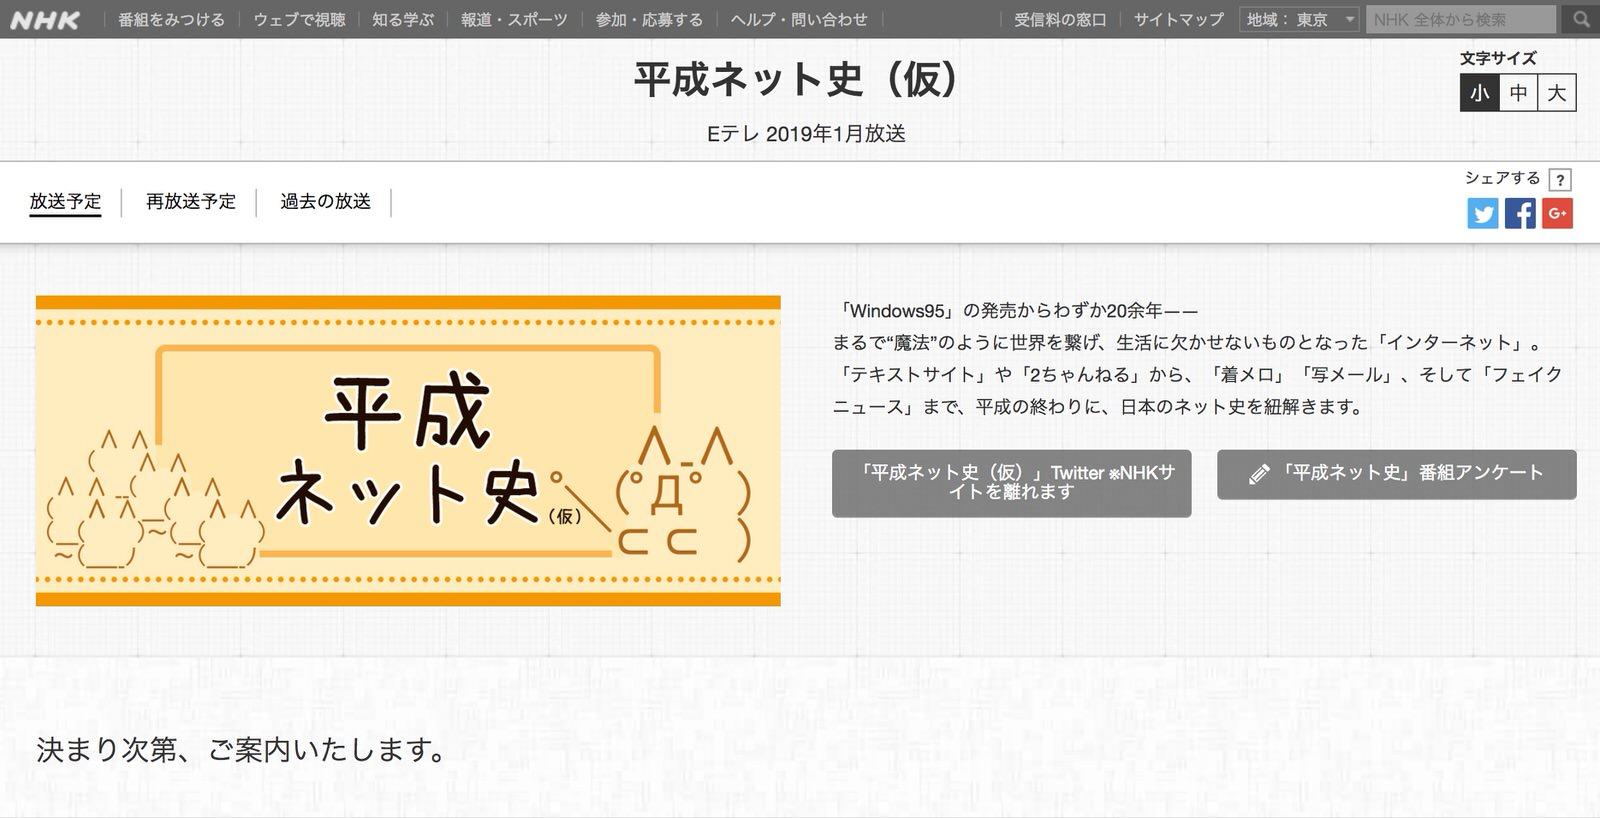 日本のネット史を紐解く『NHK 平成ネット史(仮)』が2019年1月放送へ「爆死する人が続出しそう」